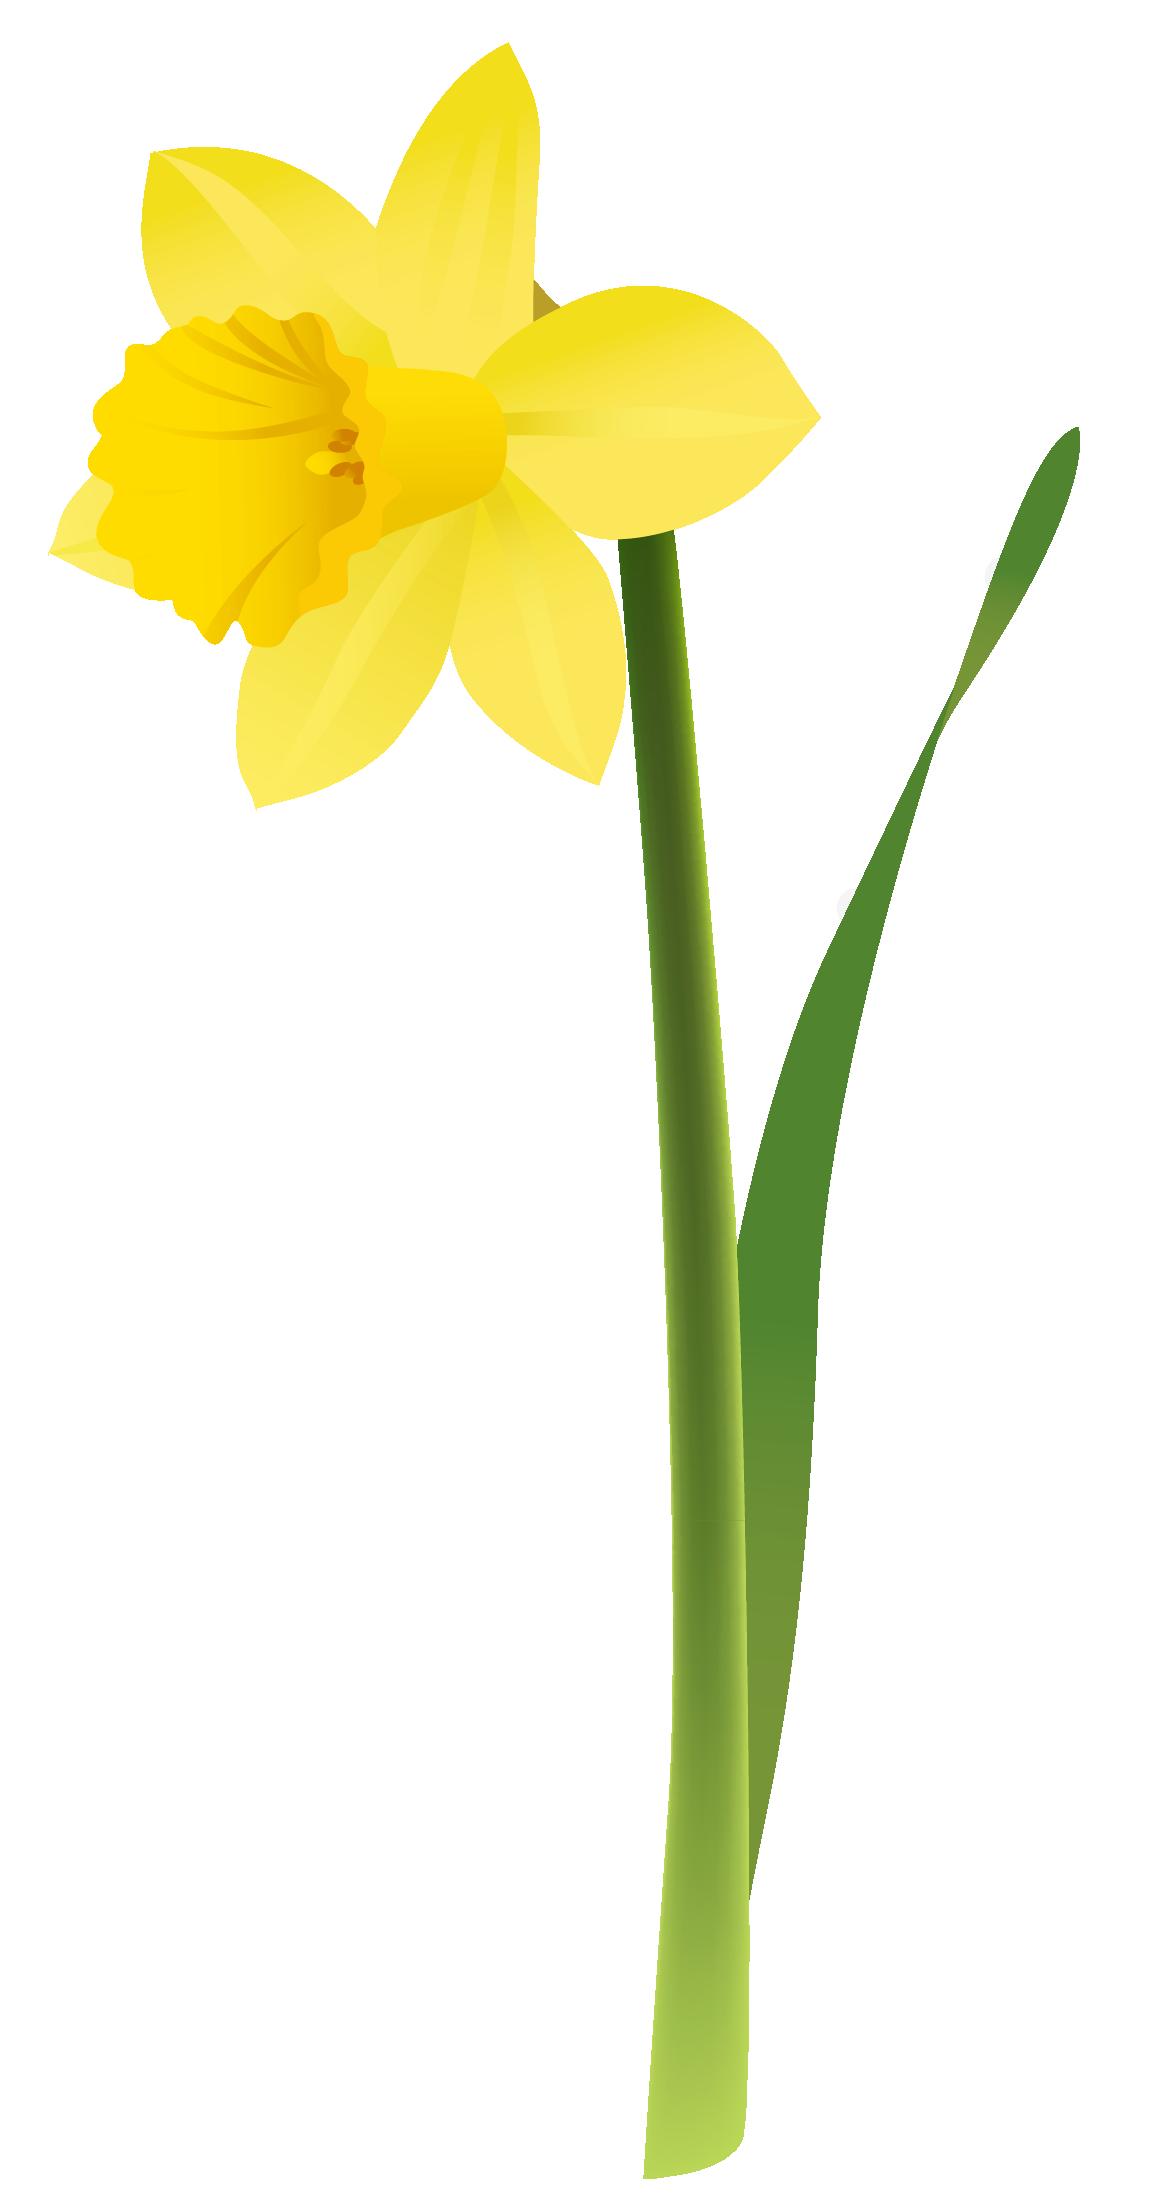 Daffodil Clip Art Free - Cliparts.co